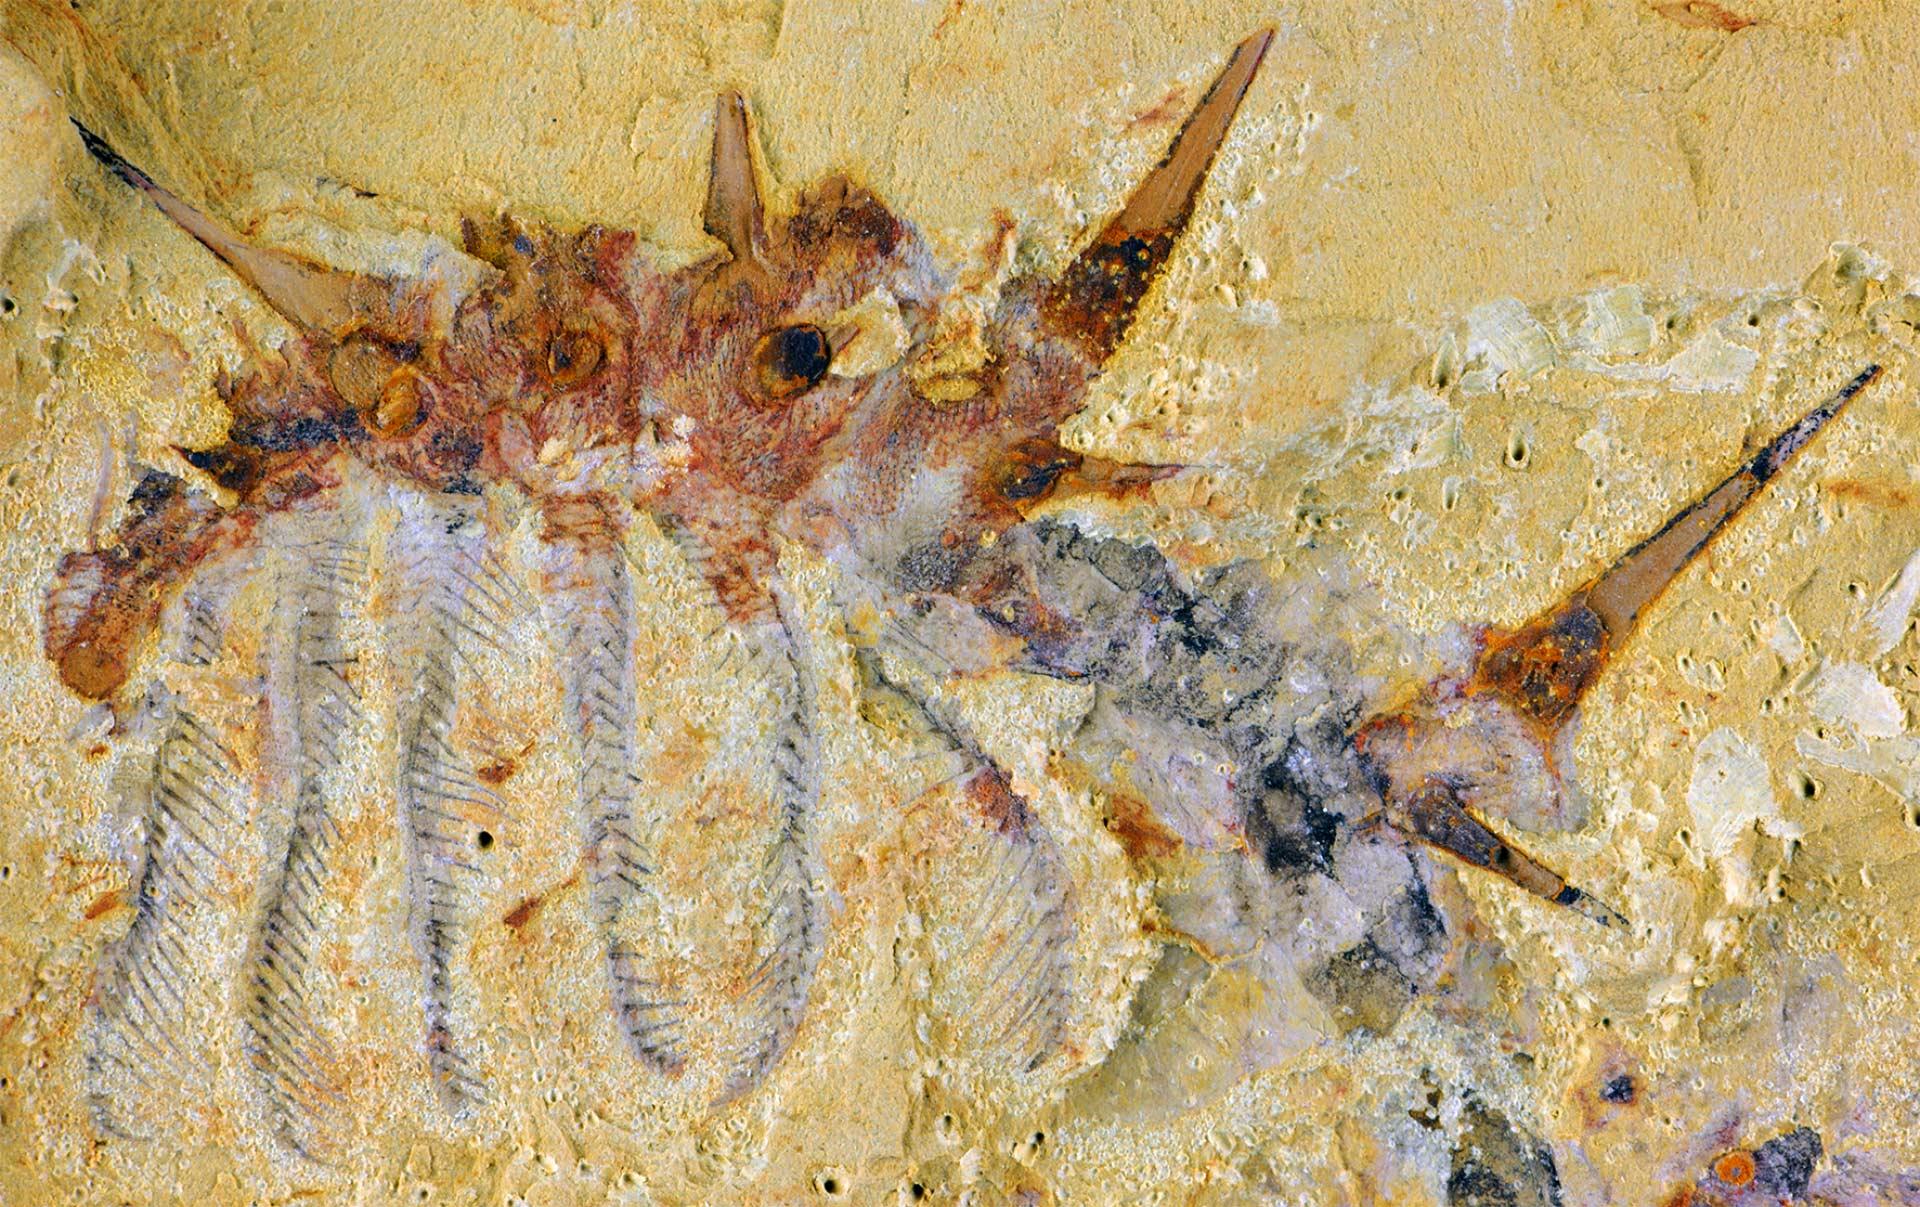 Collinsium ciliosum化石